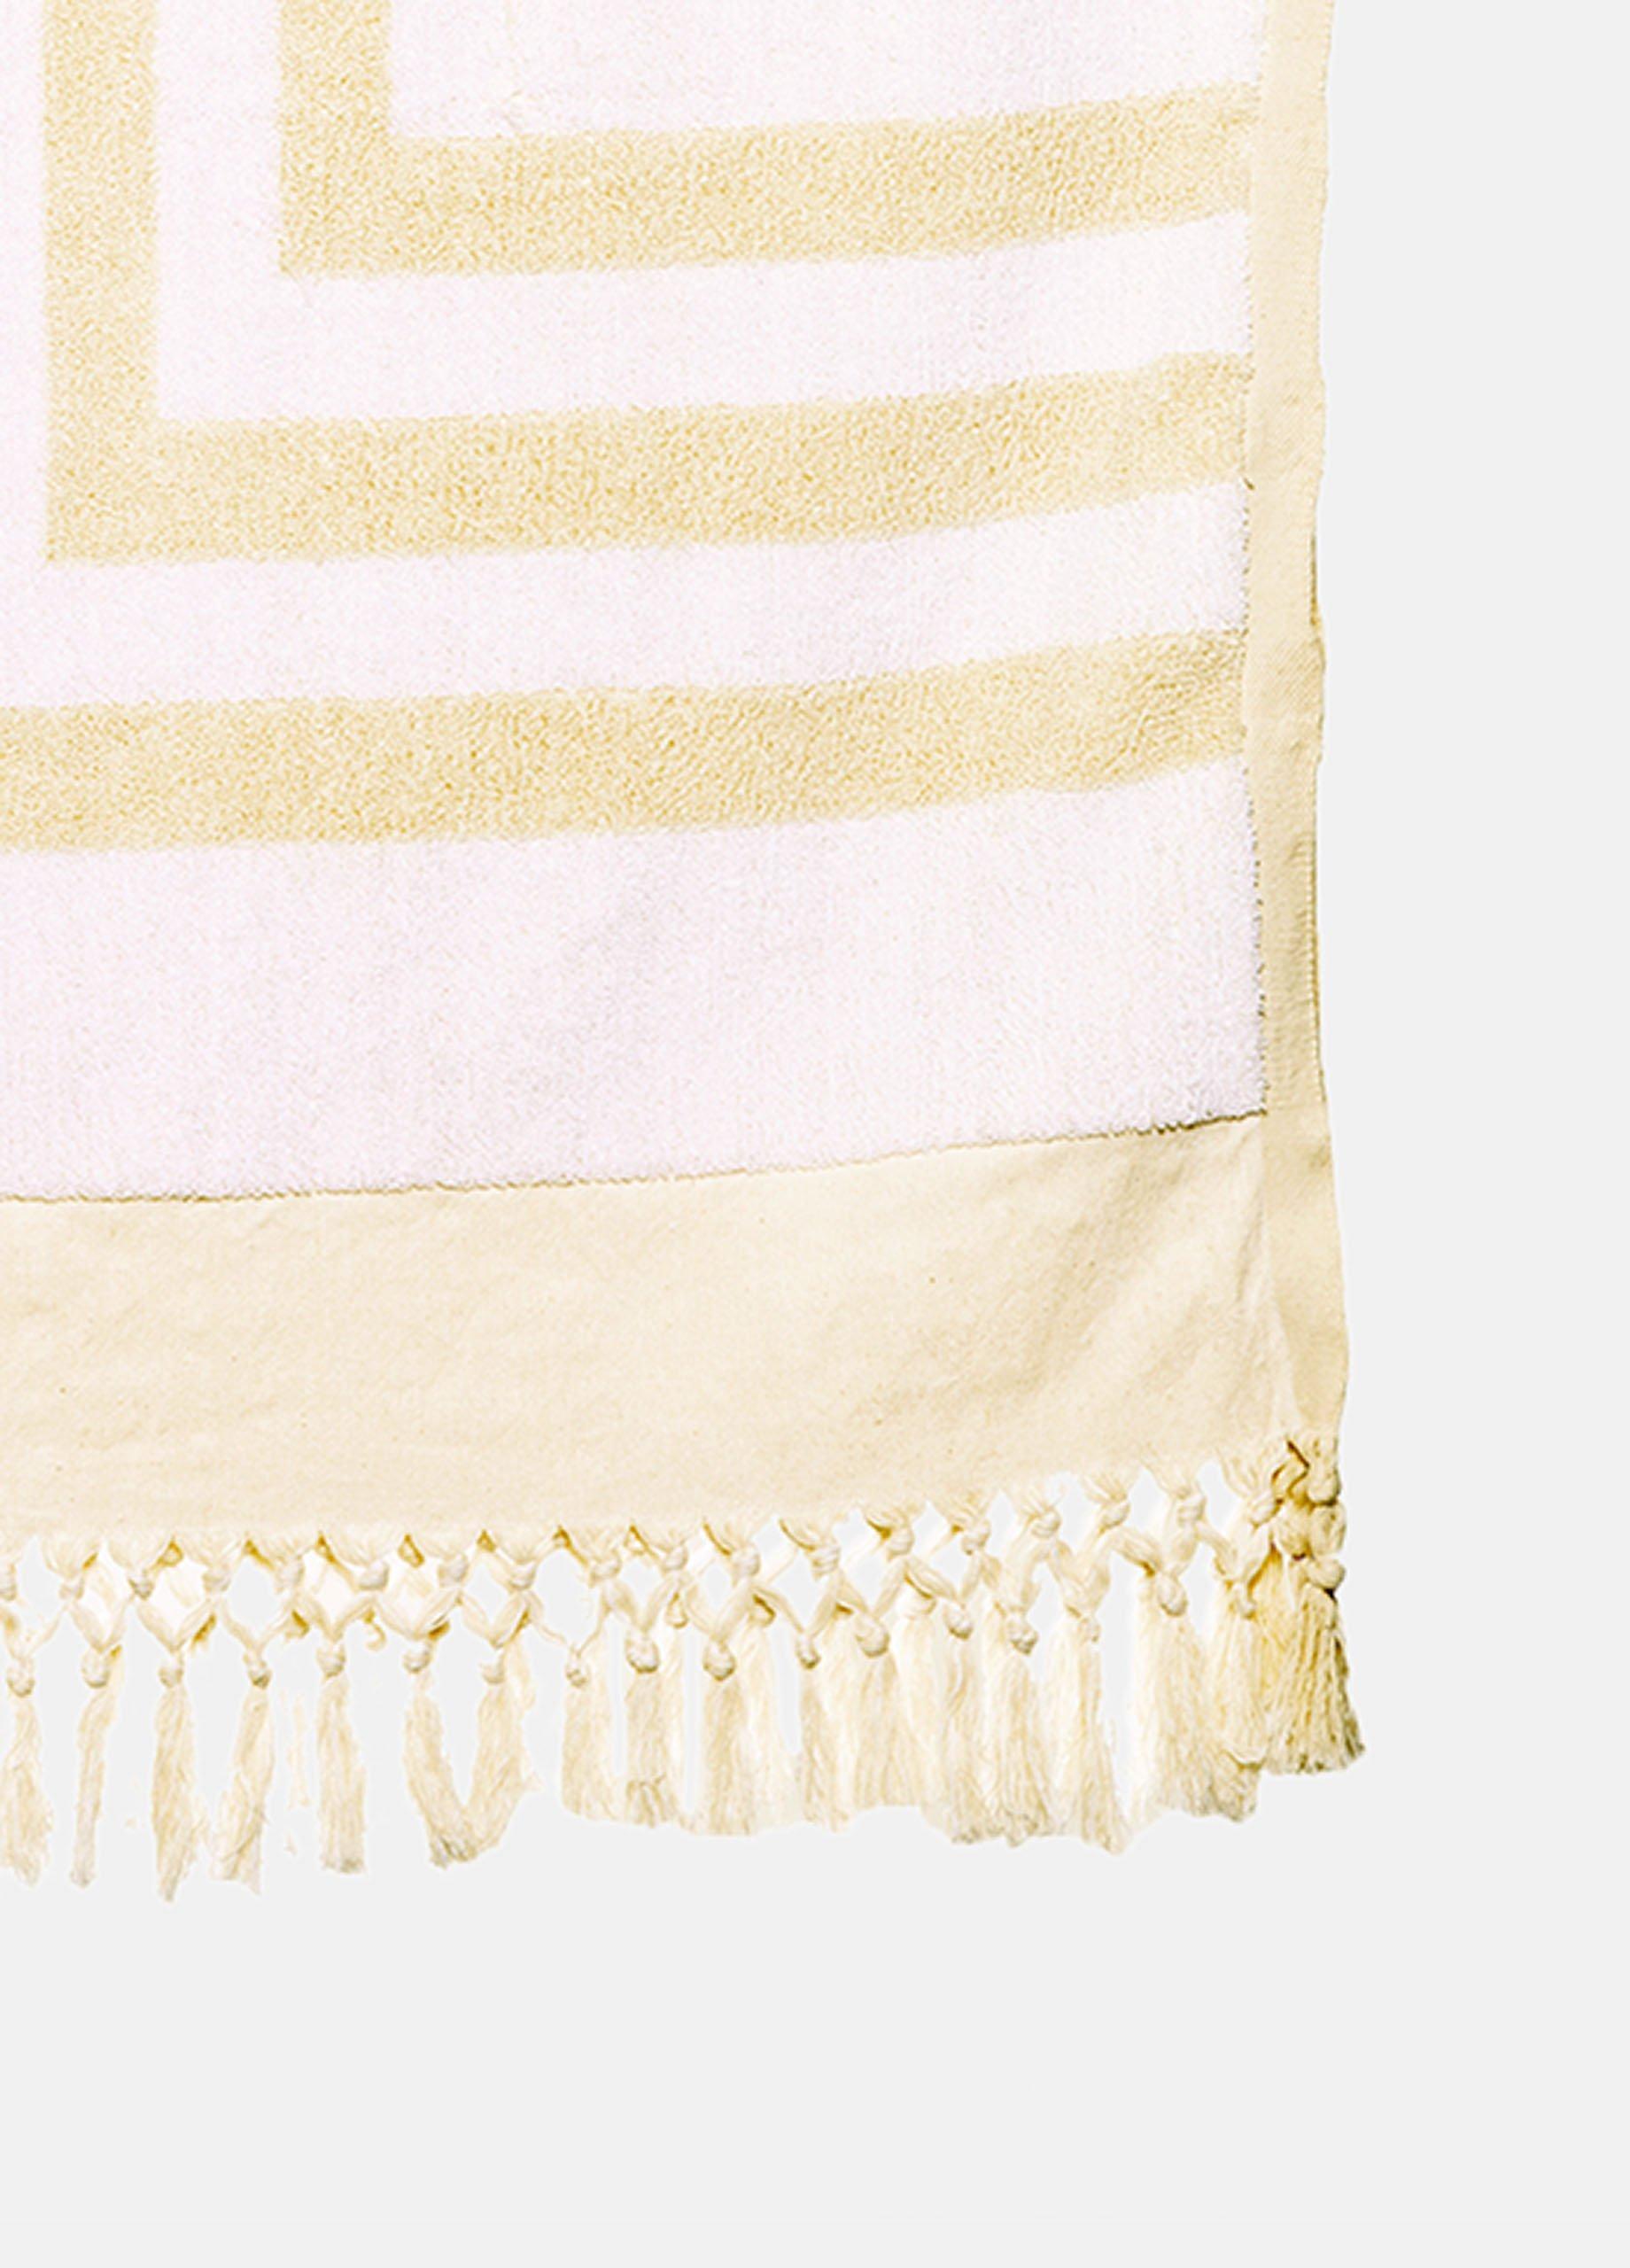 Mr. Merz / Infinity Towel